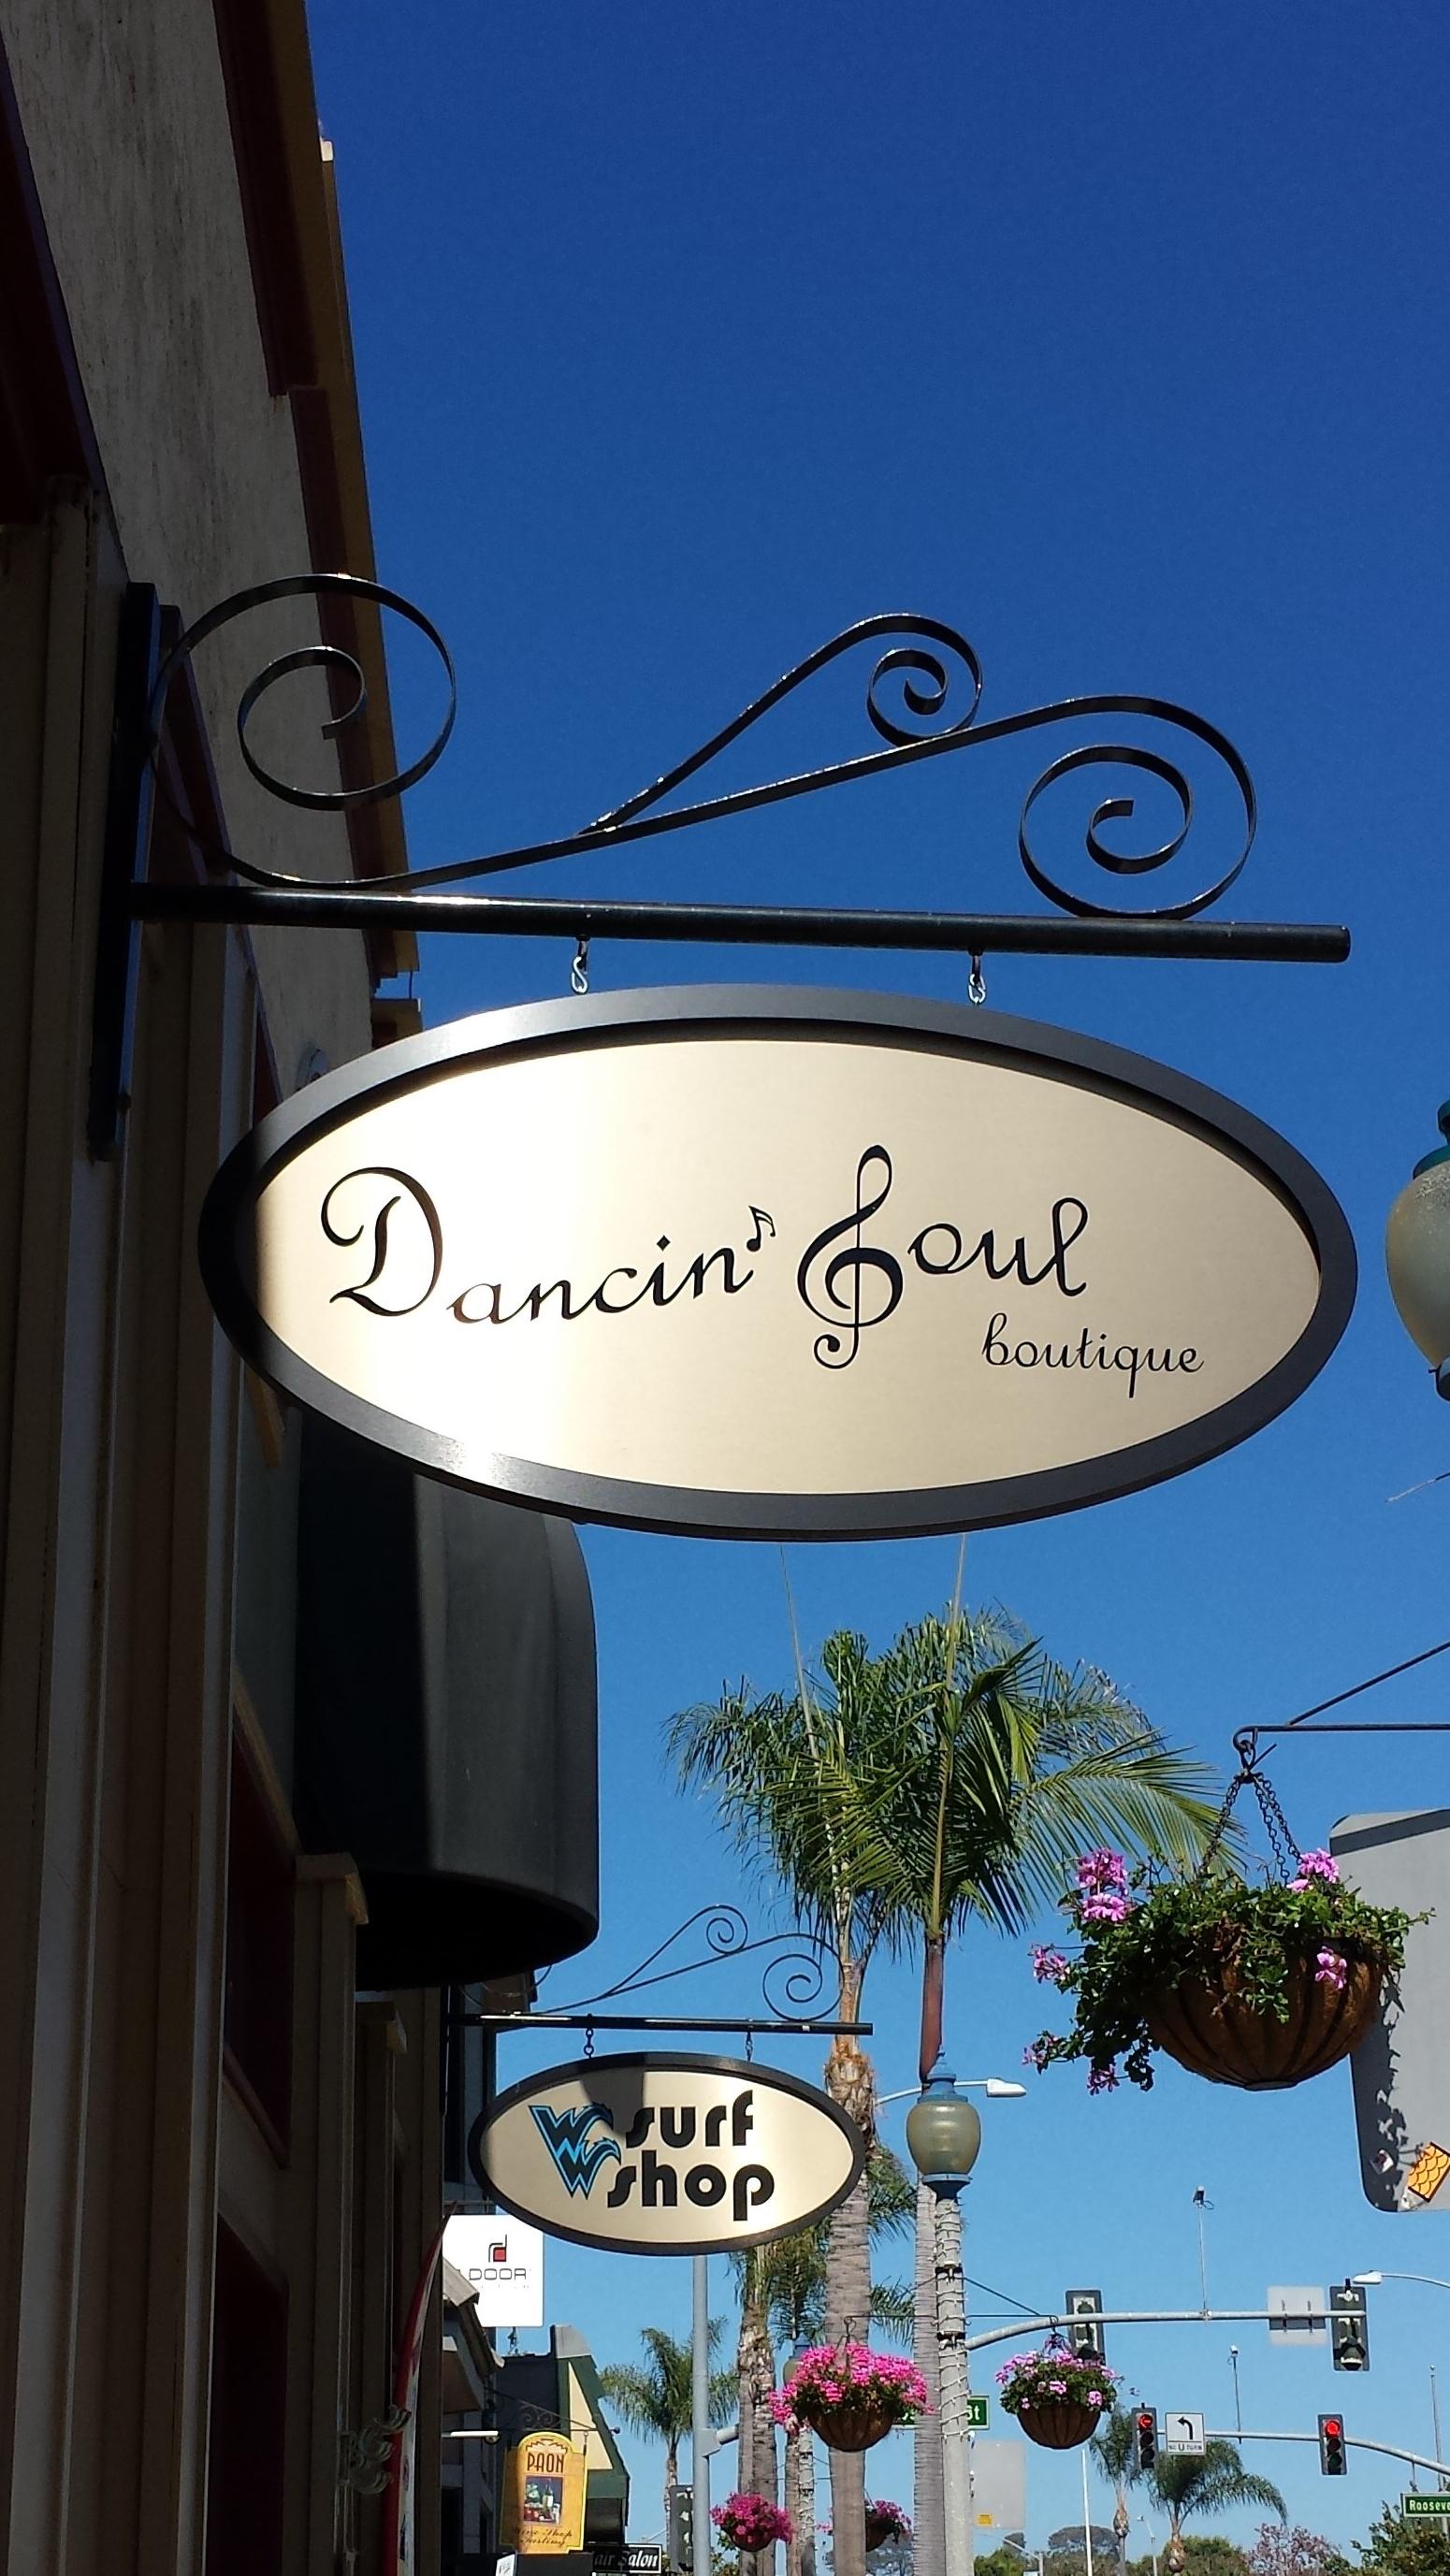 Dancin' Soul Boutique Shop Sign